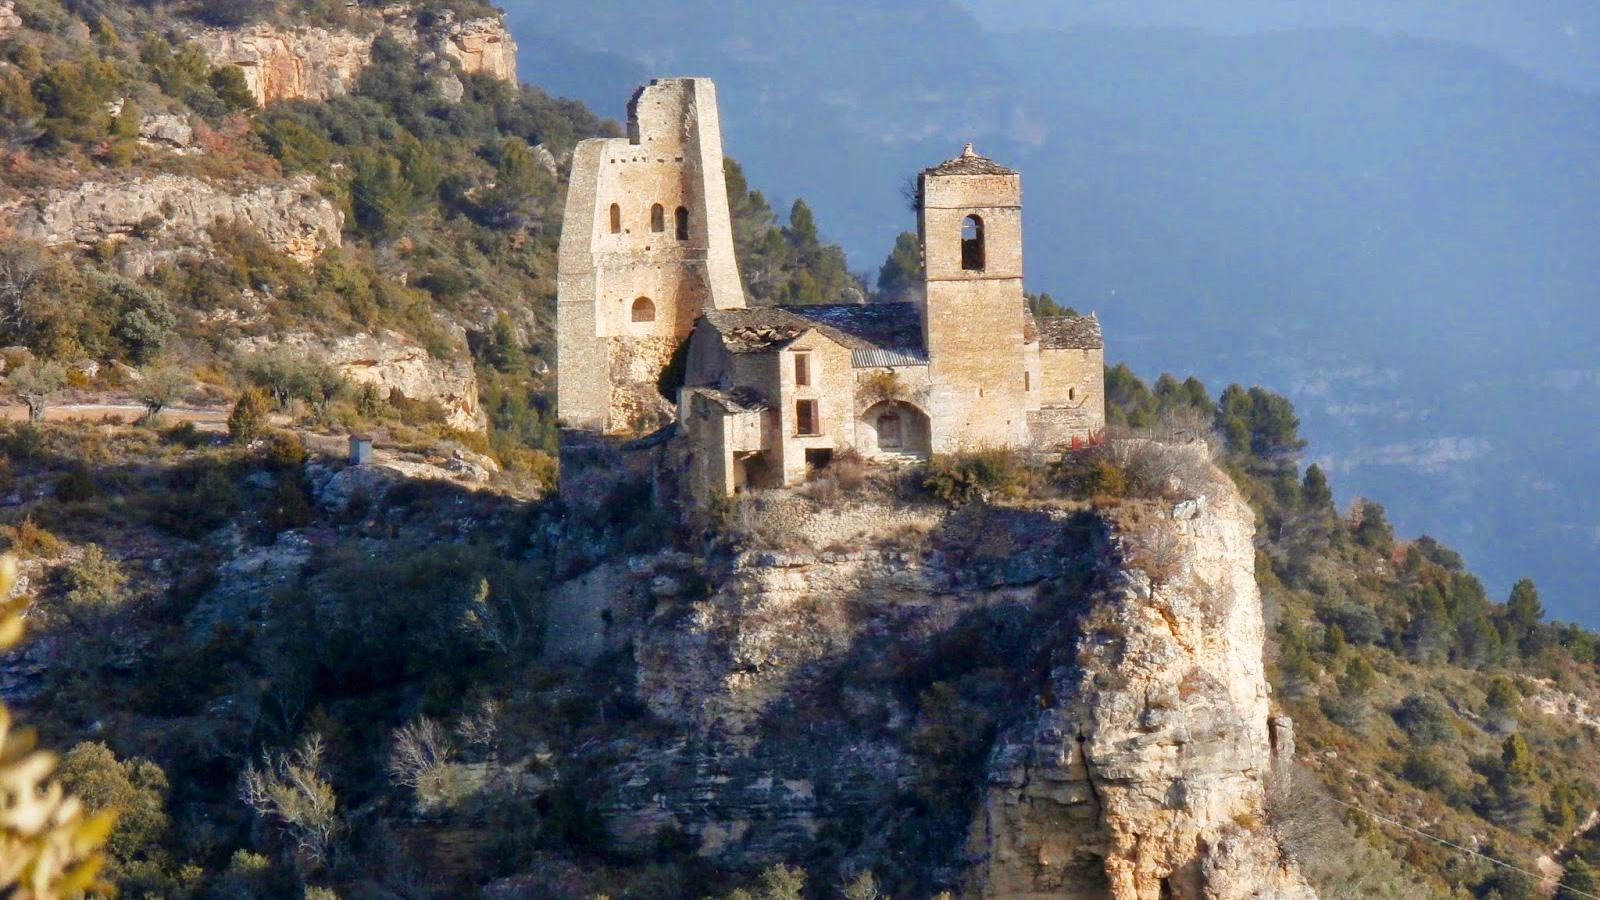 Castillo del Mon de Perarrua - Mon de Perarrua (Huesca)